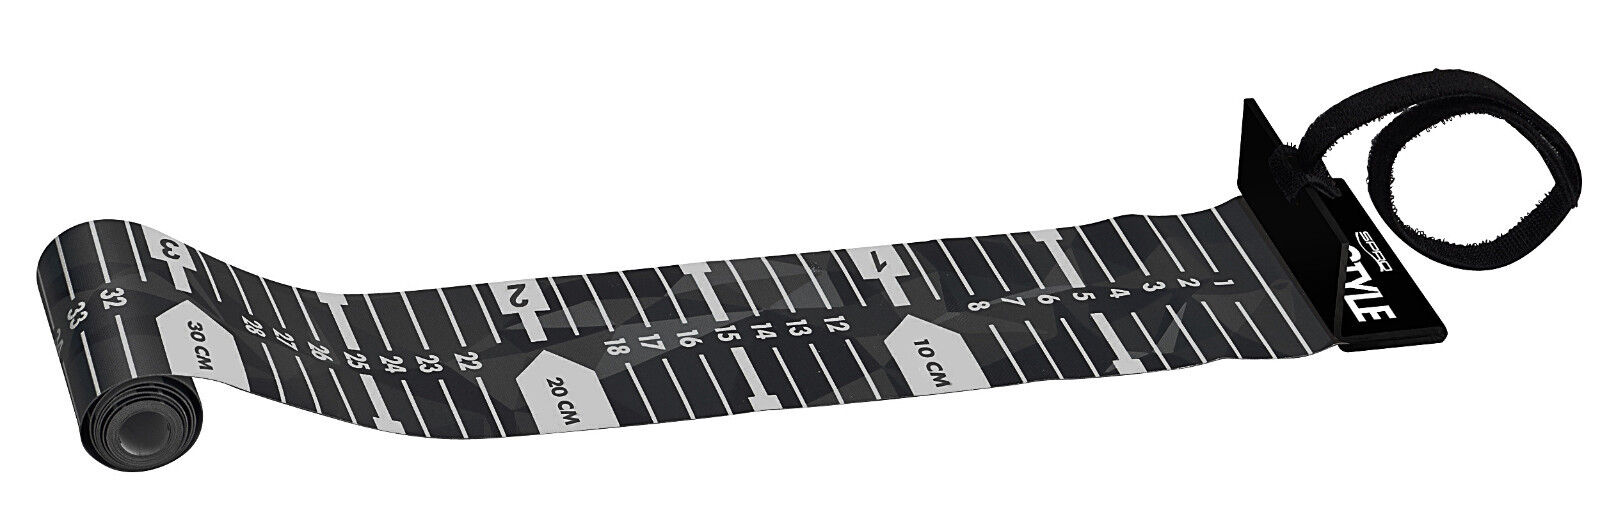 Spro Freestyle Ruler 120cm Measuring Mat zum Messen von Raubfischen Fische messen Ma/ßband zum Spinnfischen Fischma/ßband